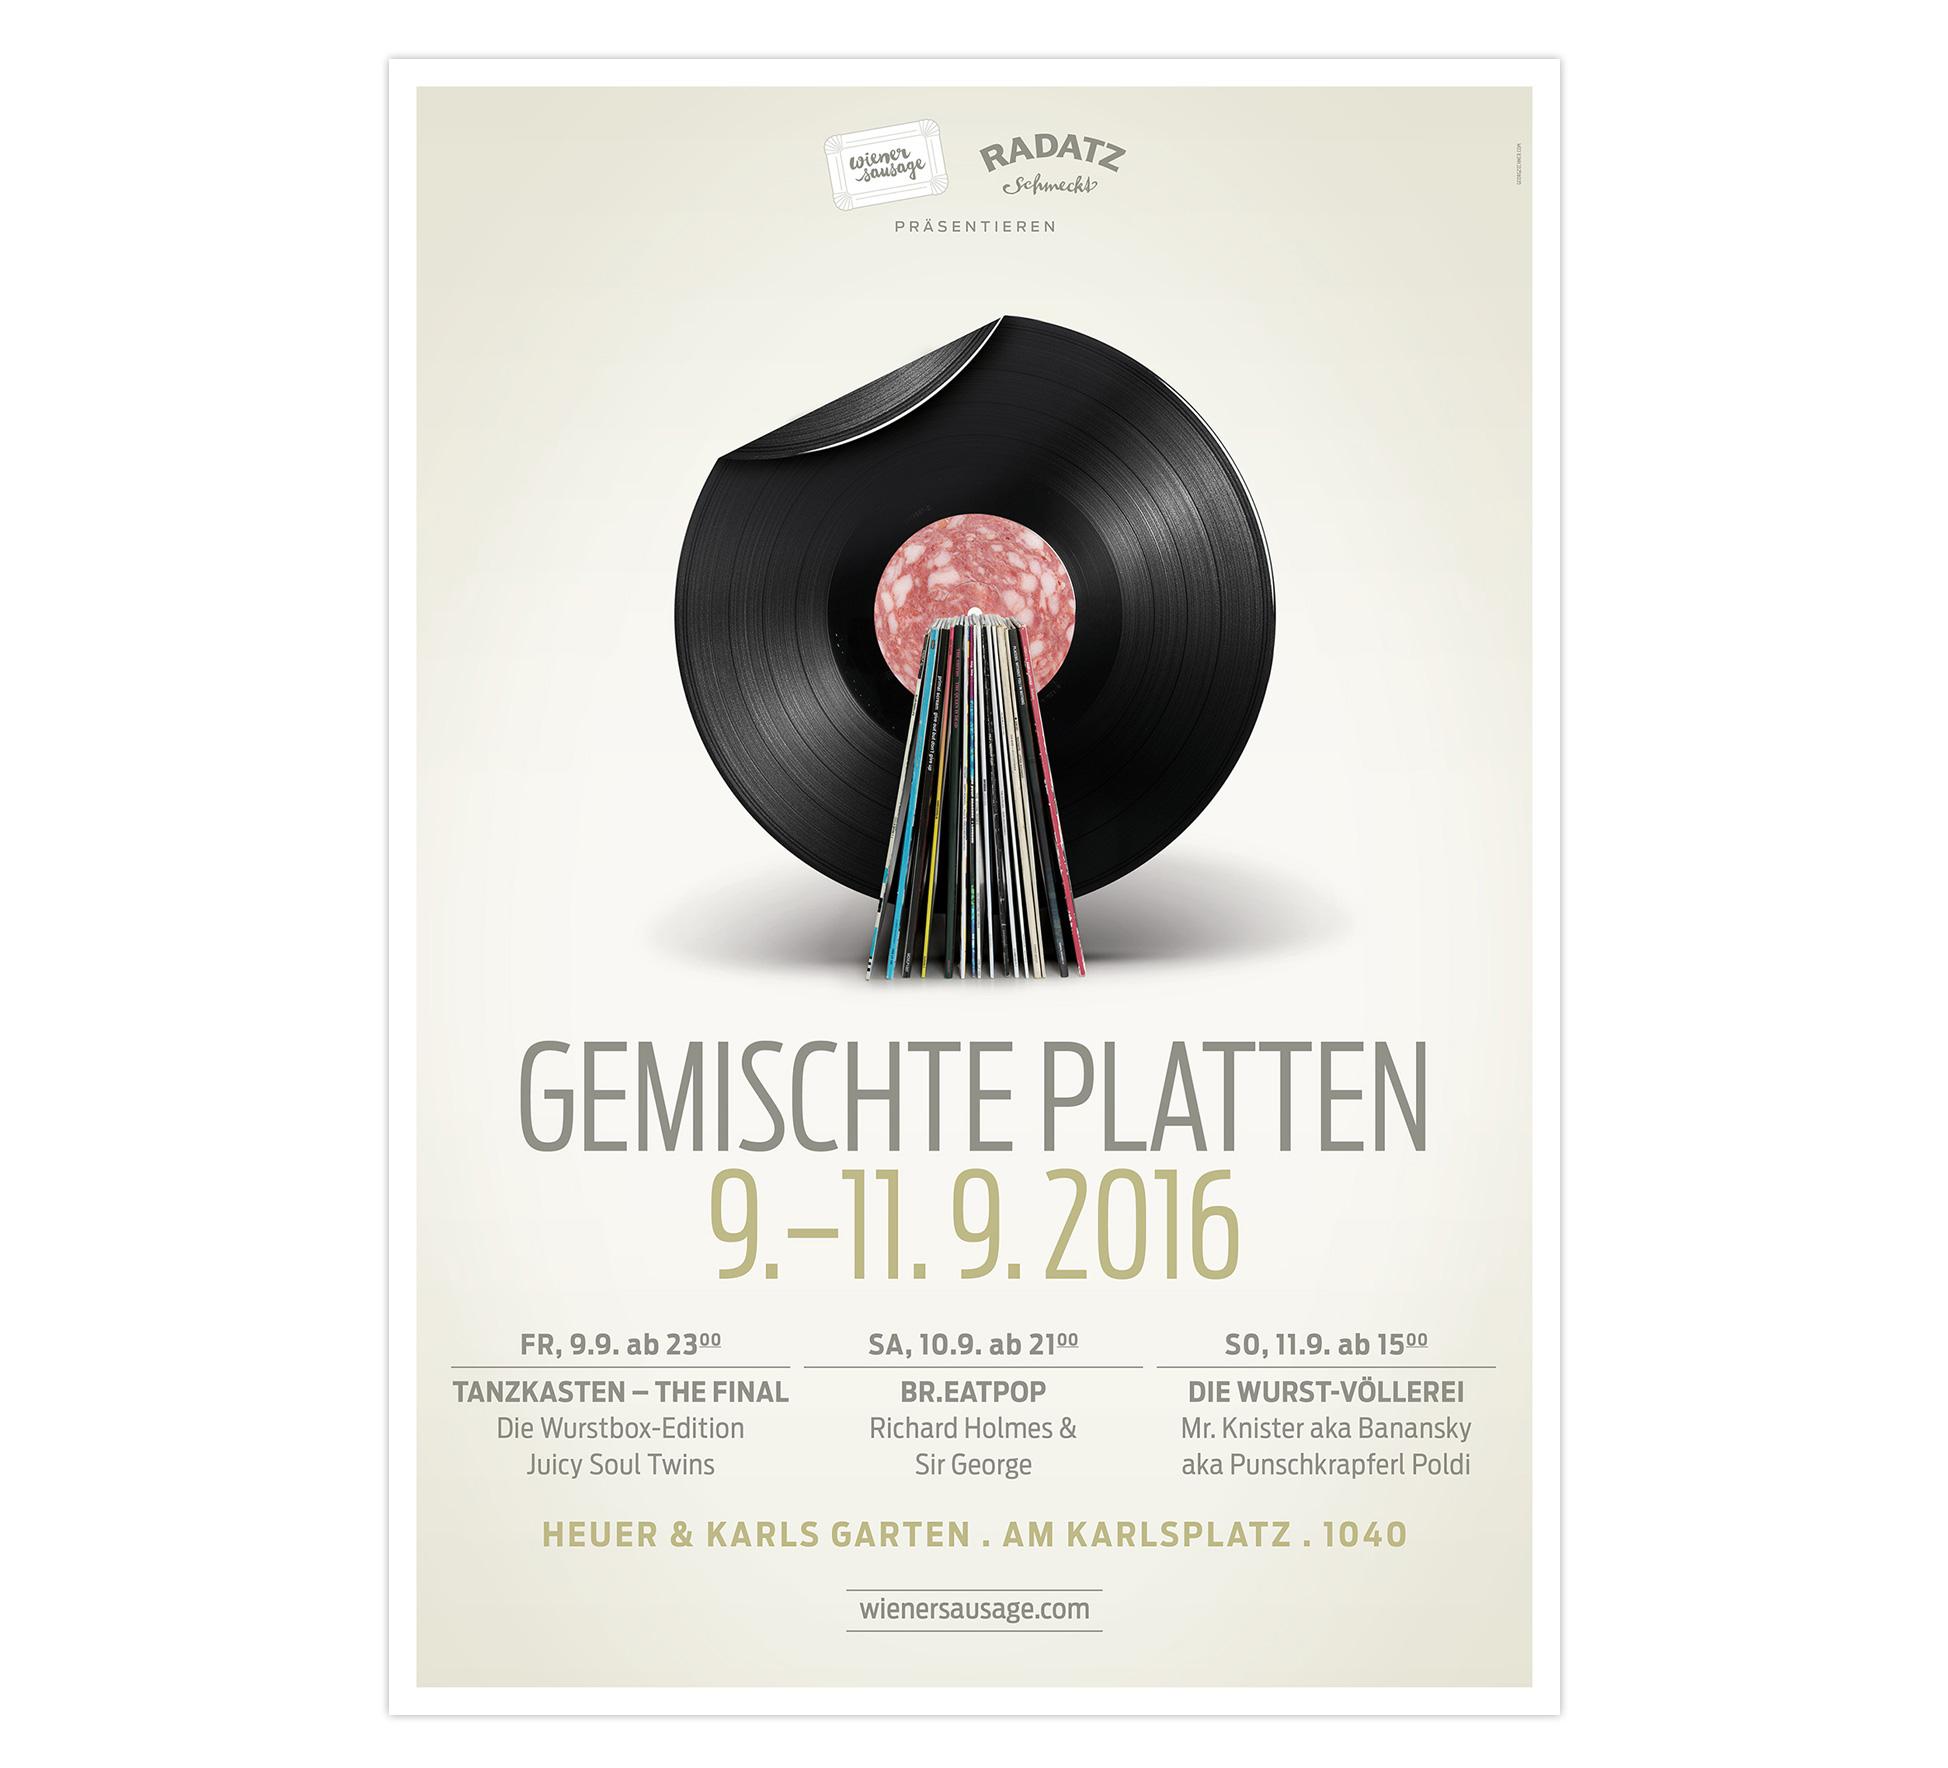 Gemischte_Platten_Plakat